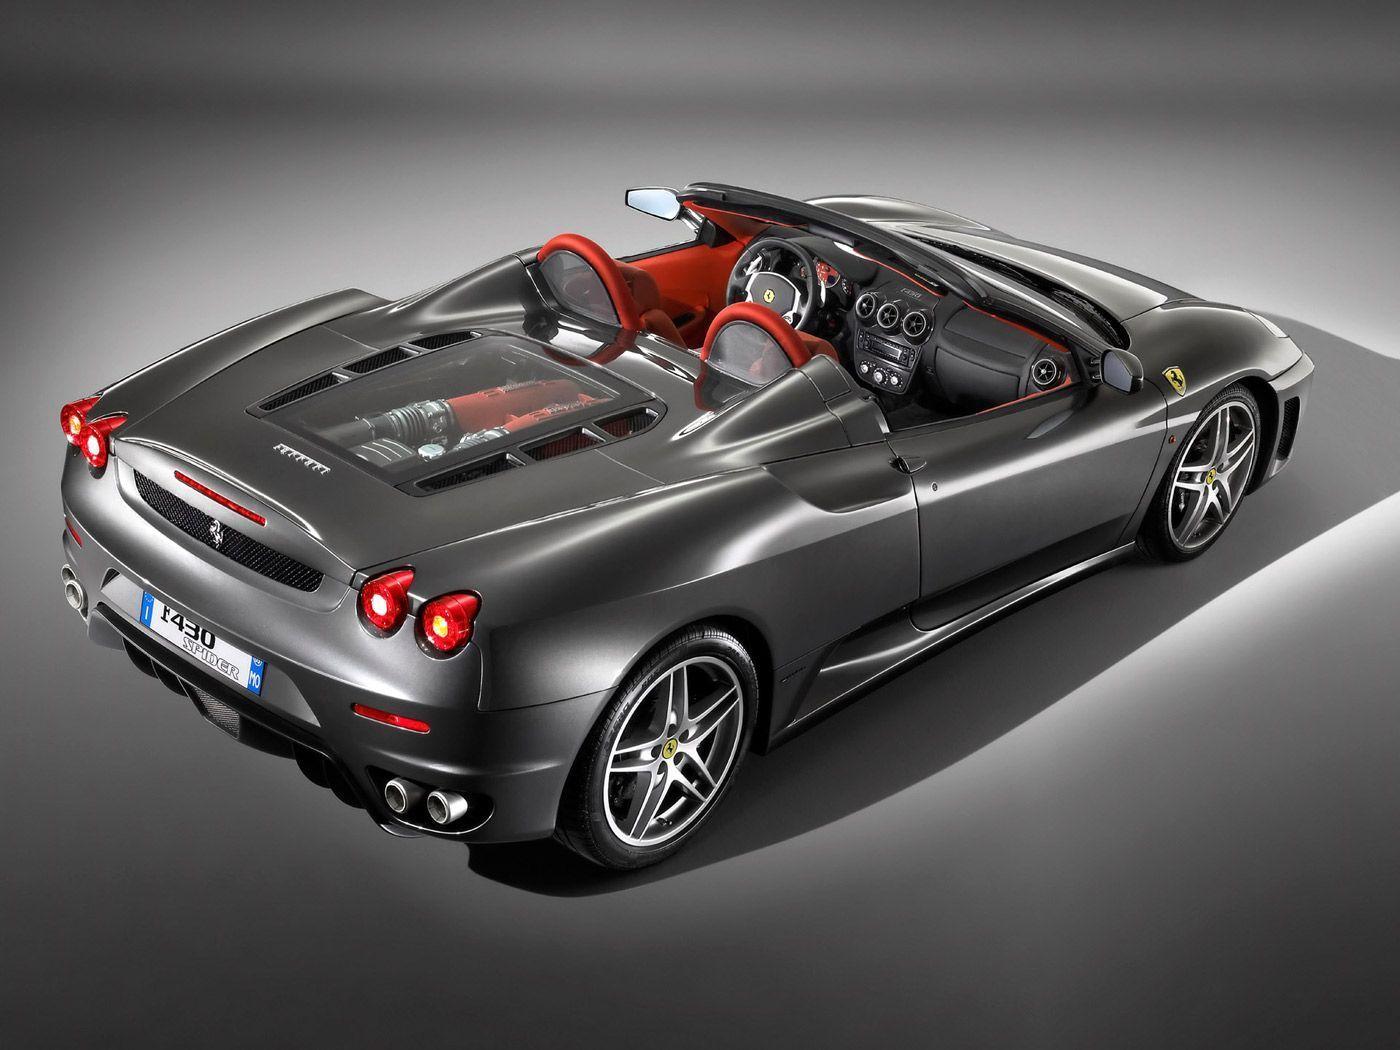 Black Ferrari Car Wallpaper 05 1400x1050